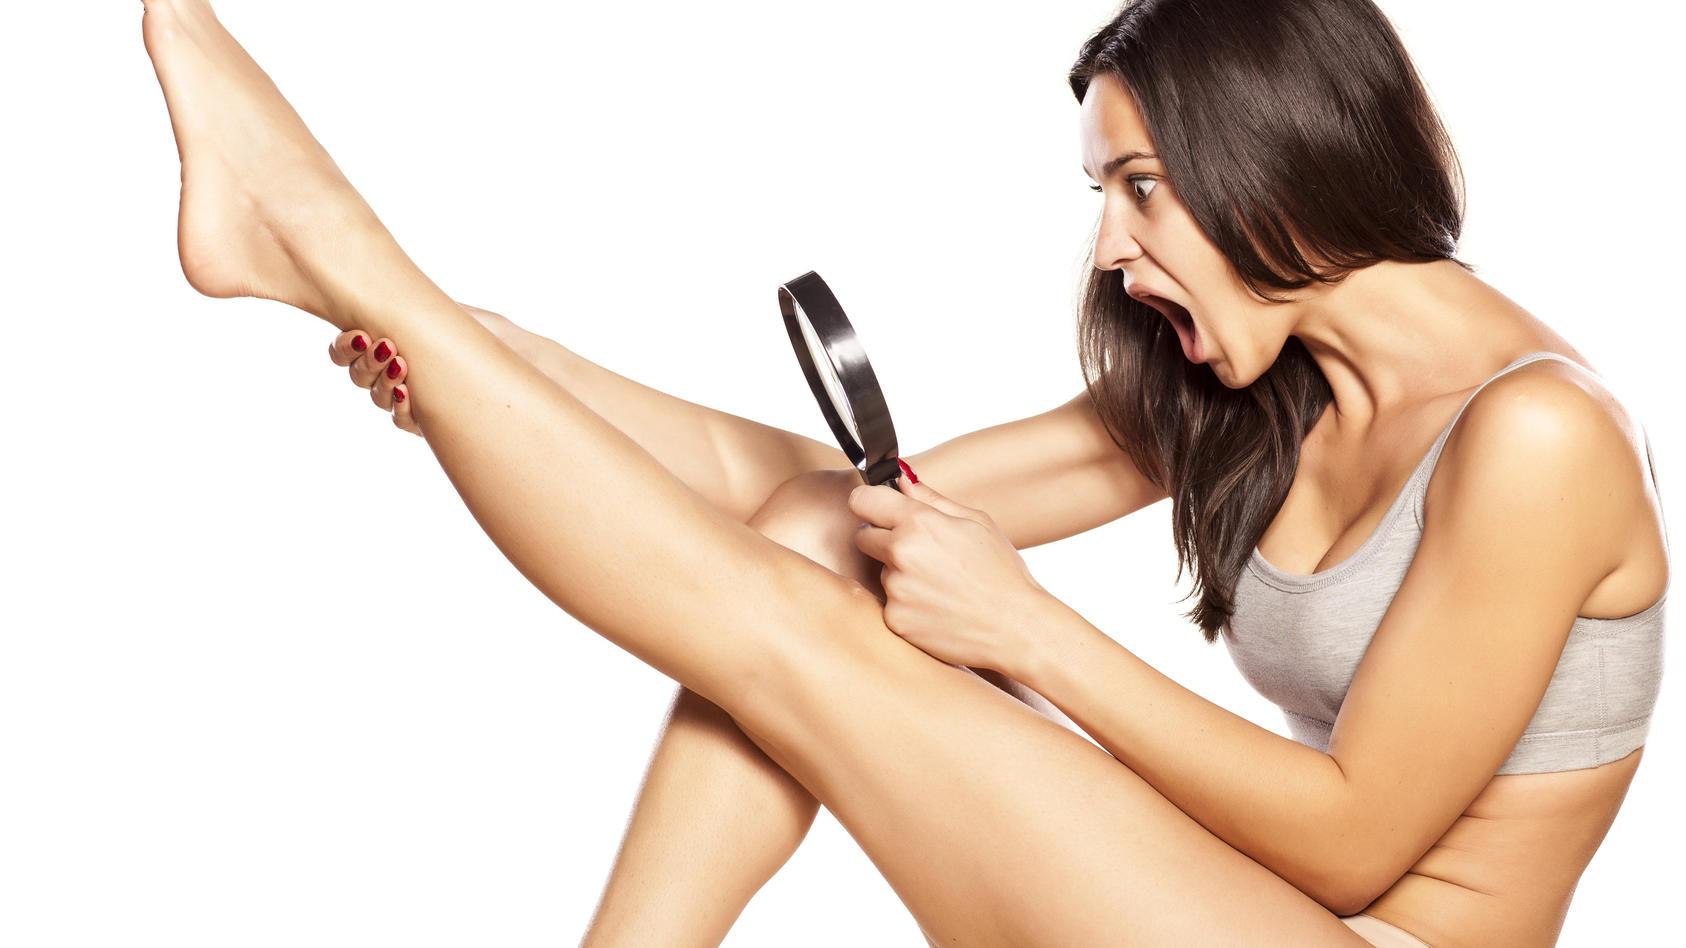 Frisch rasiert und trotzdem dunkle Rasurschatten? Erdbeer-Beine sind lästig - aber vermeidbar!